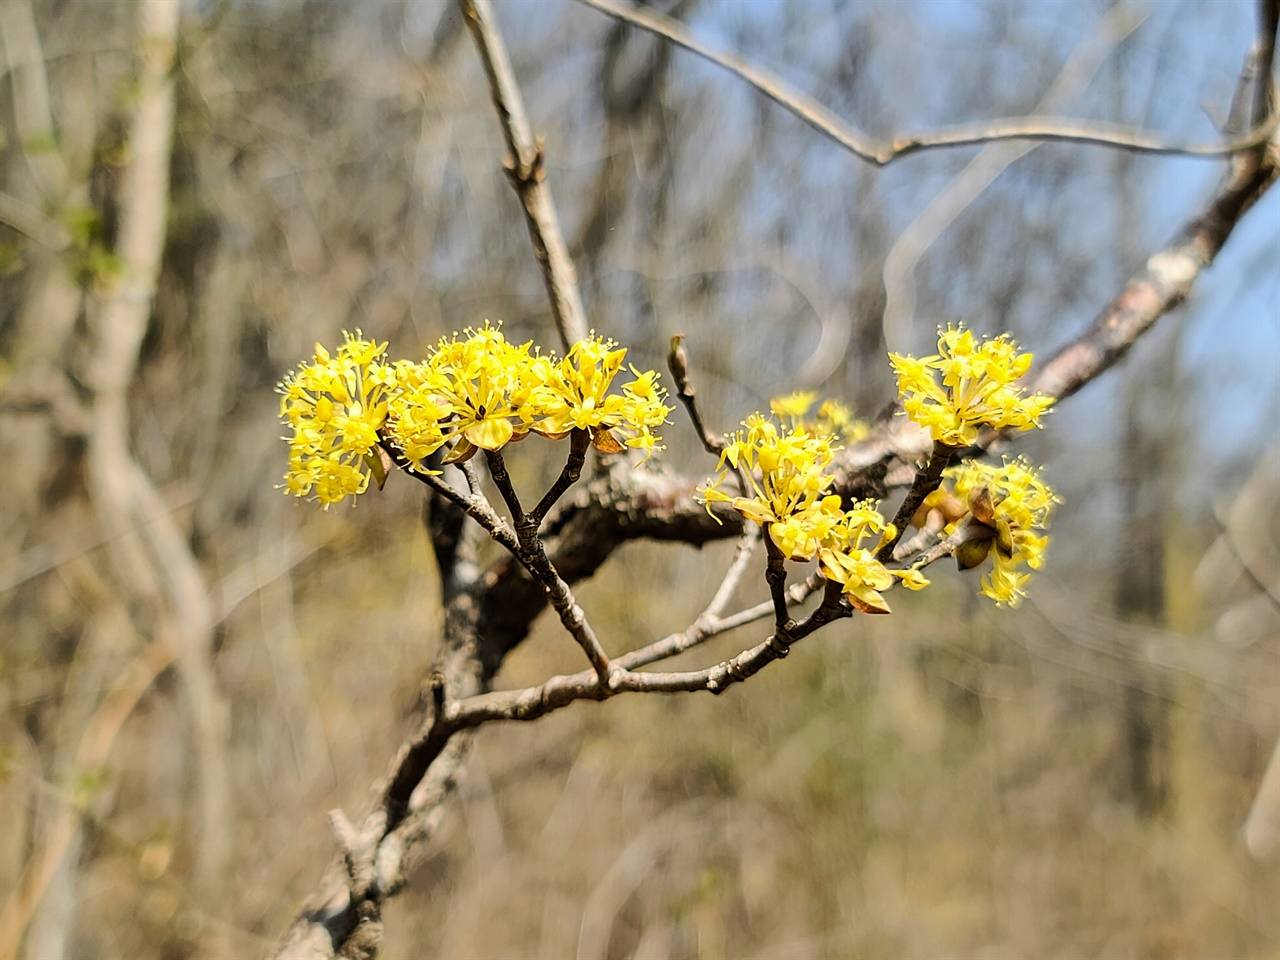 산수유꽃길에 핀 노란 산수유꽃